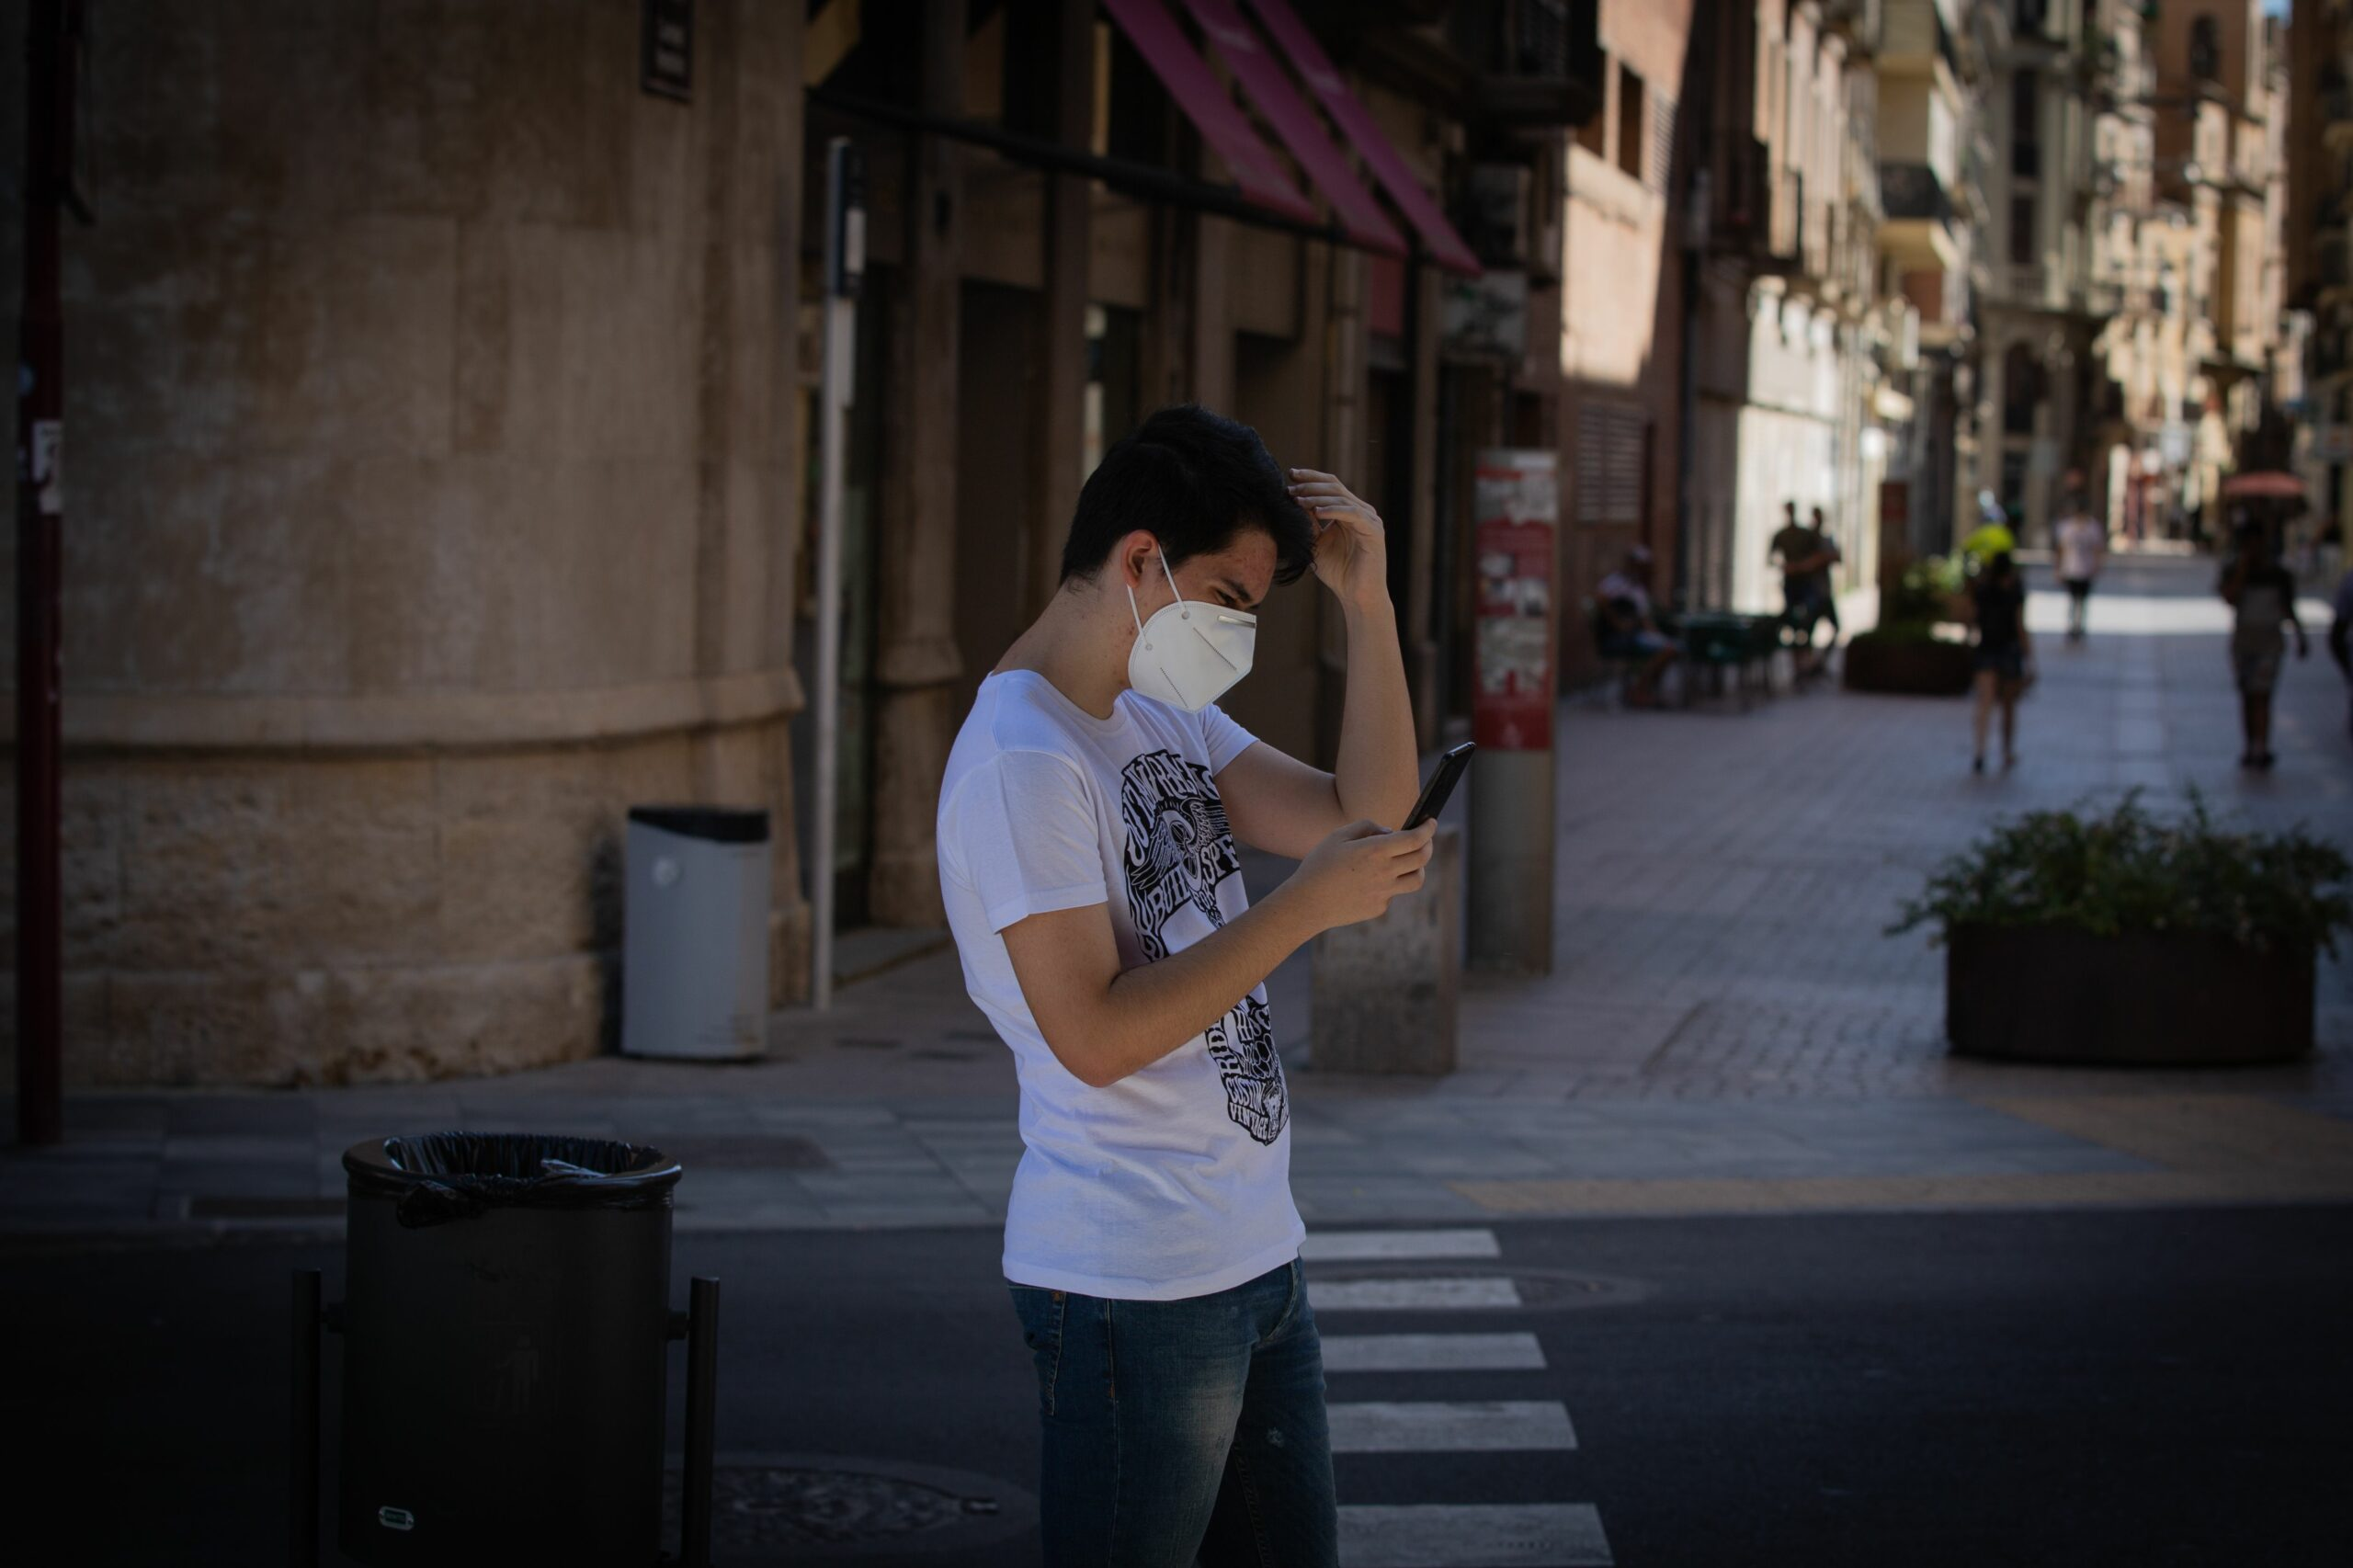 Un noi amb mascareta al centre de Lleida (EP)